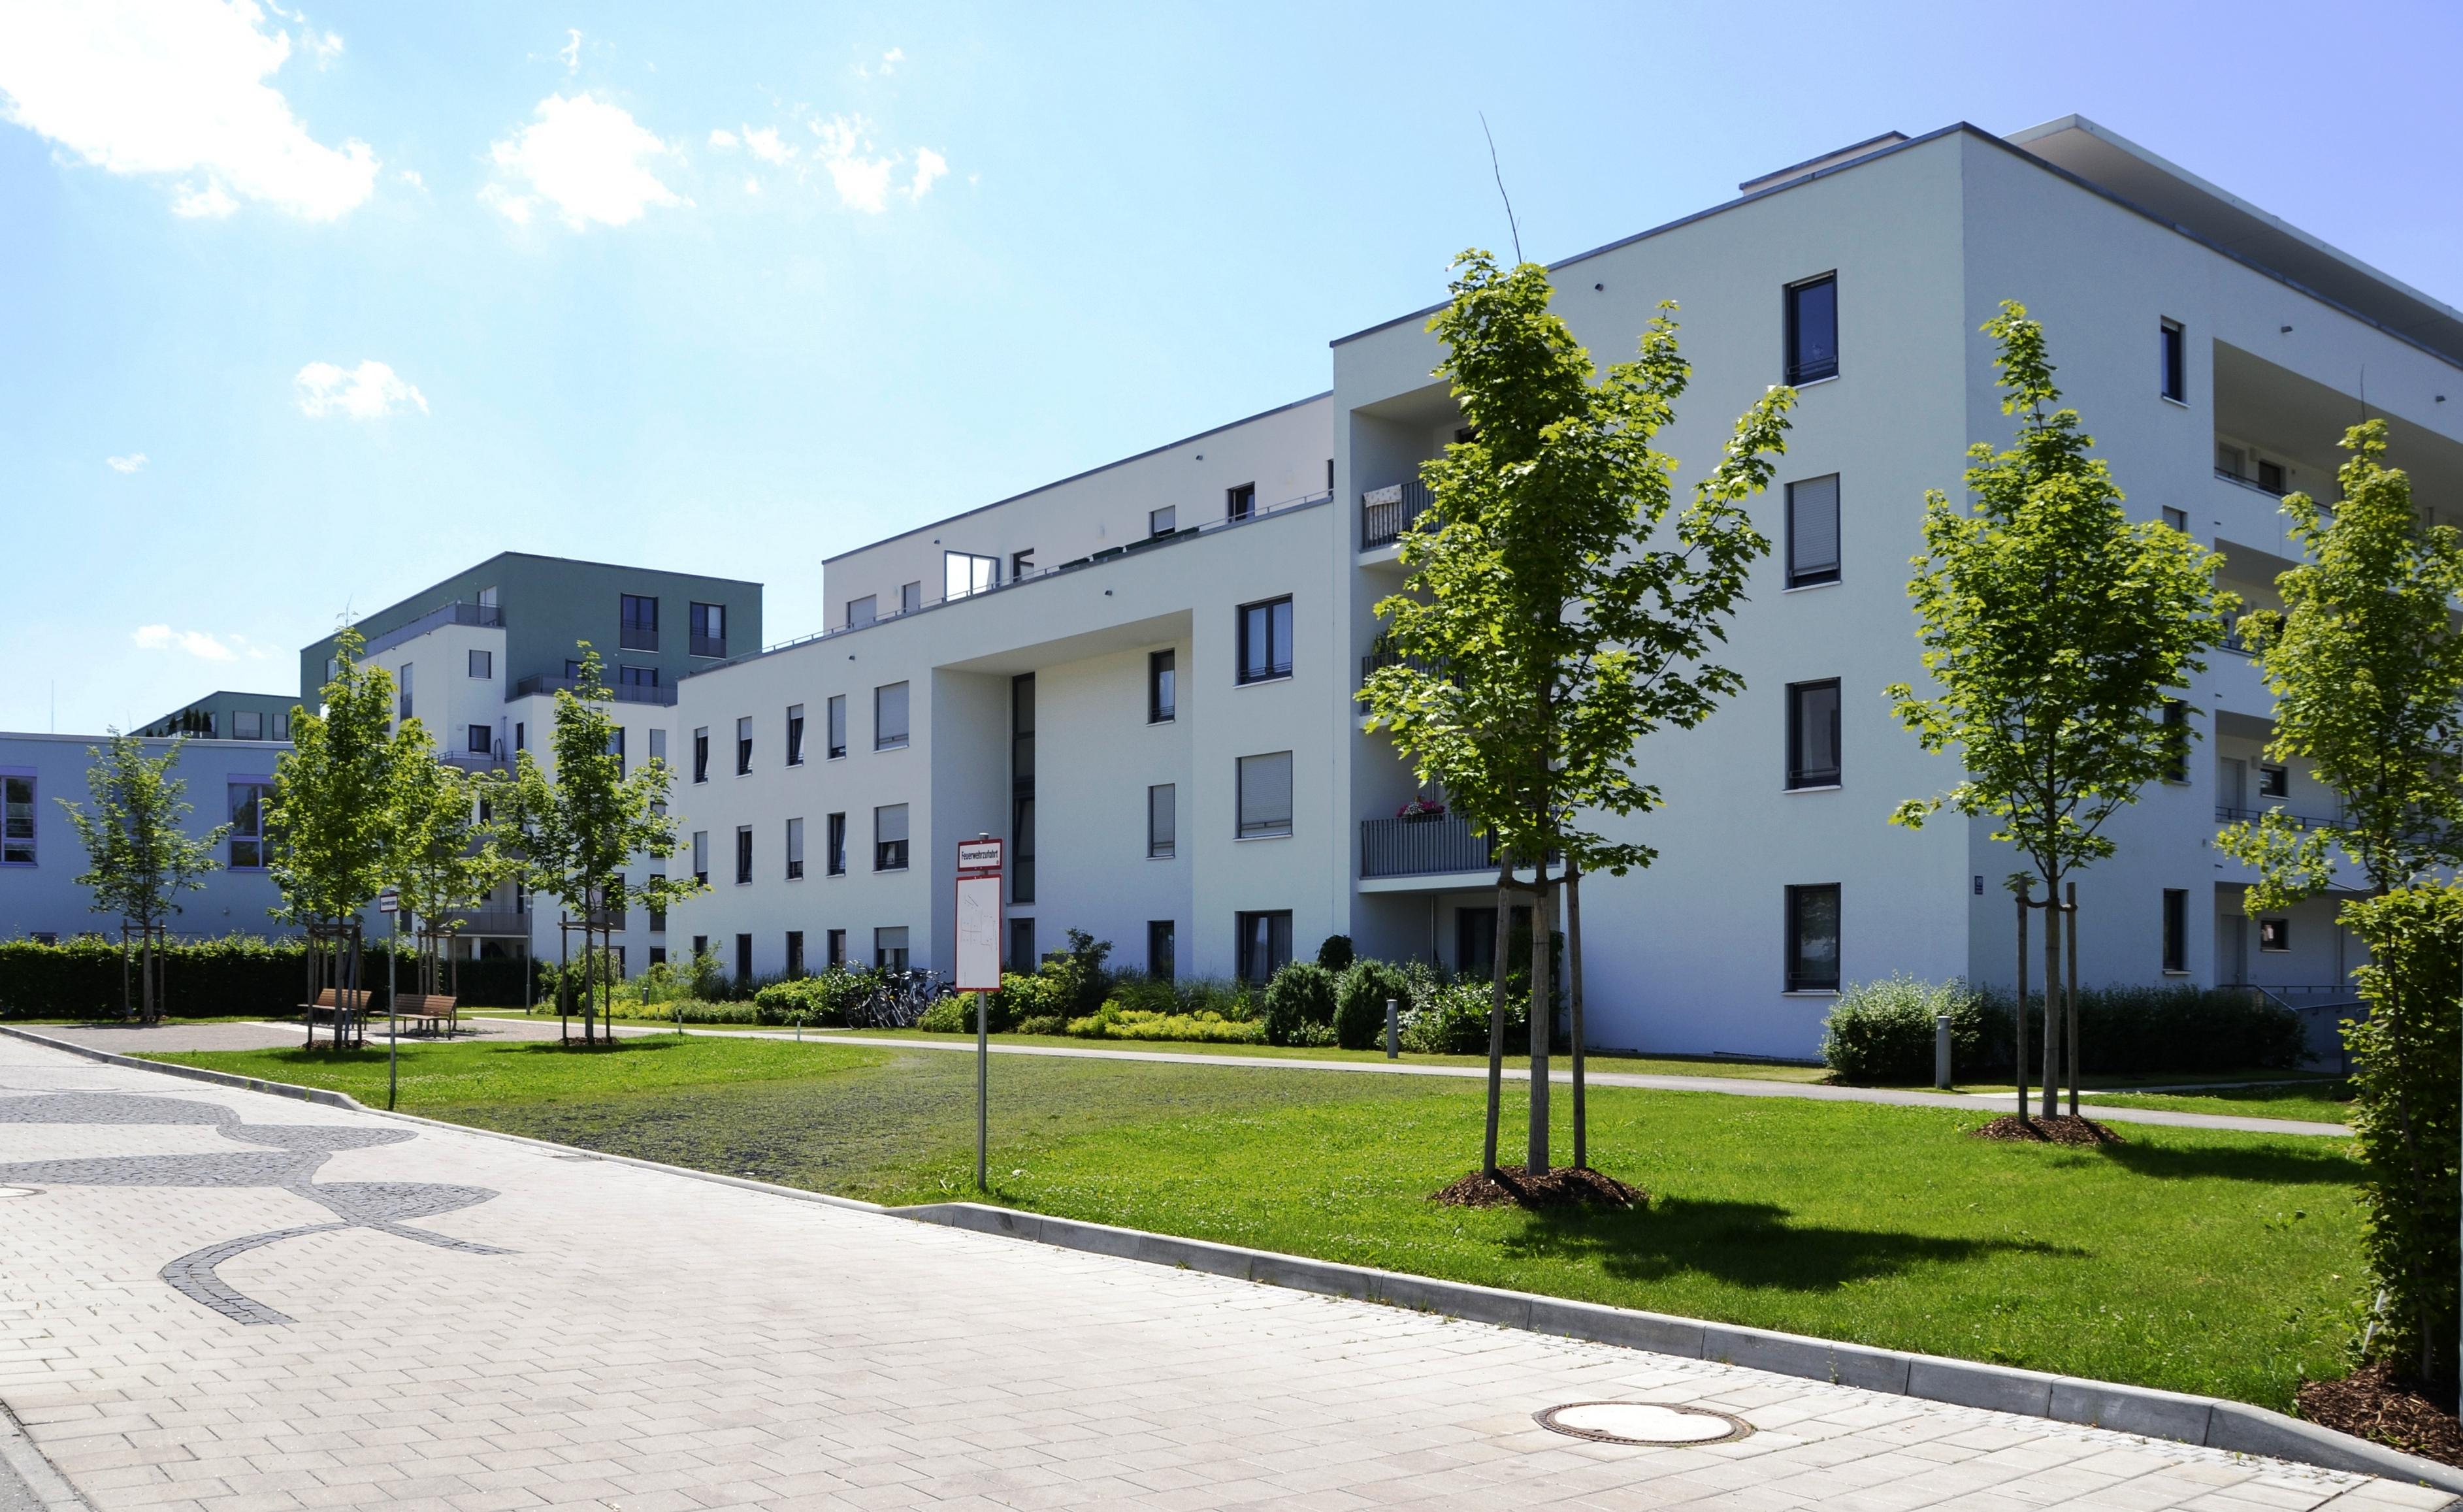 Altenheim report 1 - 2 9